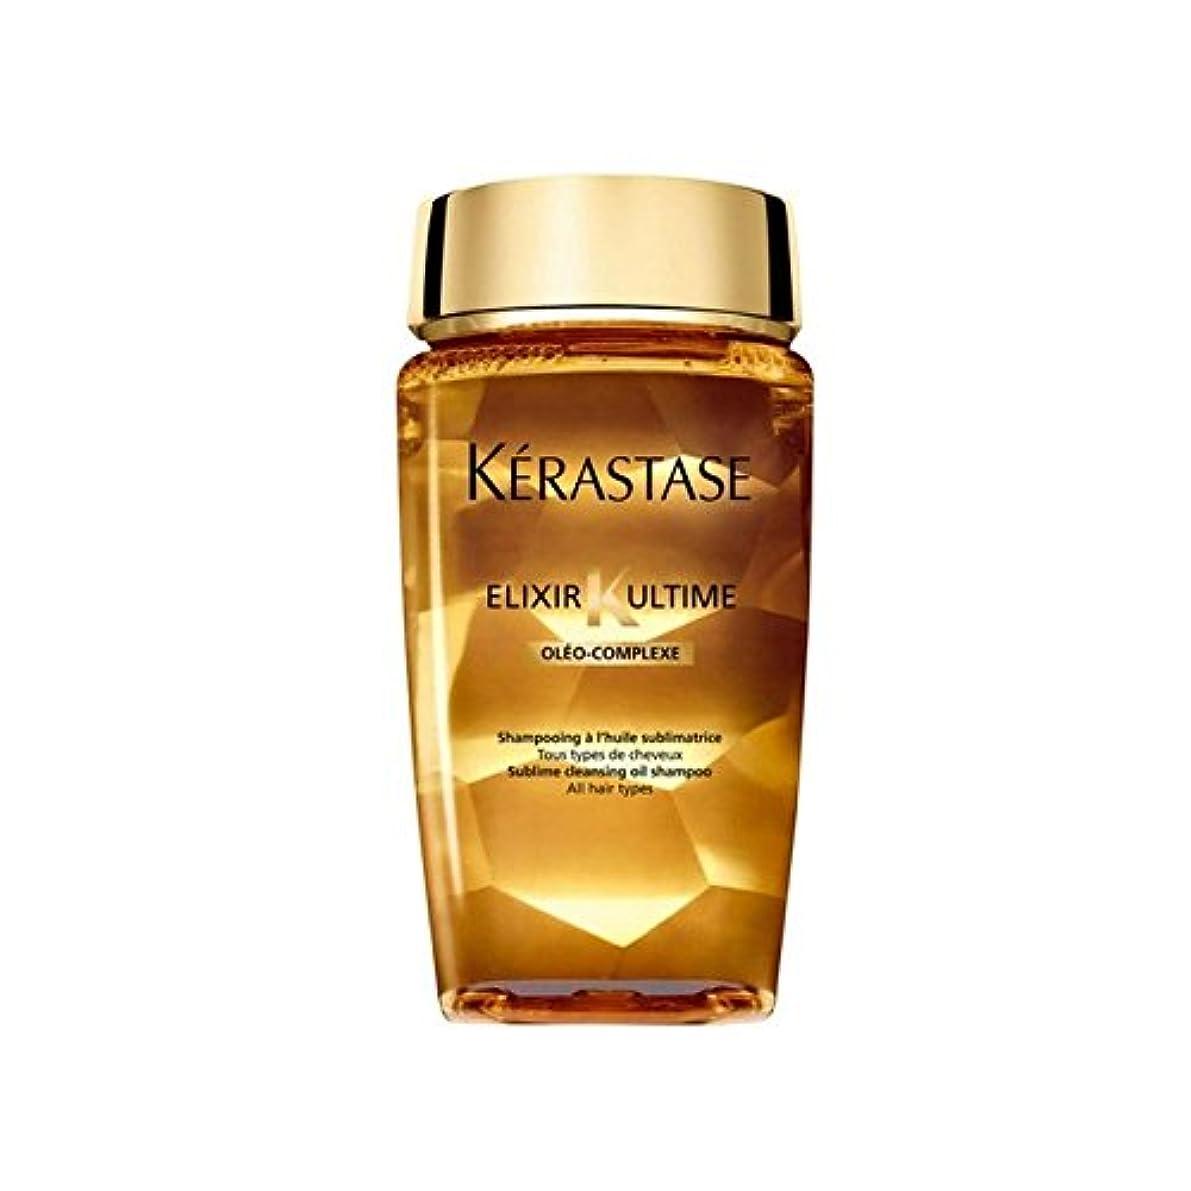 最初にタブレットアコーK?rastase Elixir Ultime Huile Lavante Bain (250ml) - ケラスターゼエリクサー ラバンテ?ベイン(250ミリリットル) [並行輸入品]